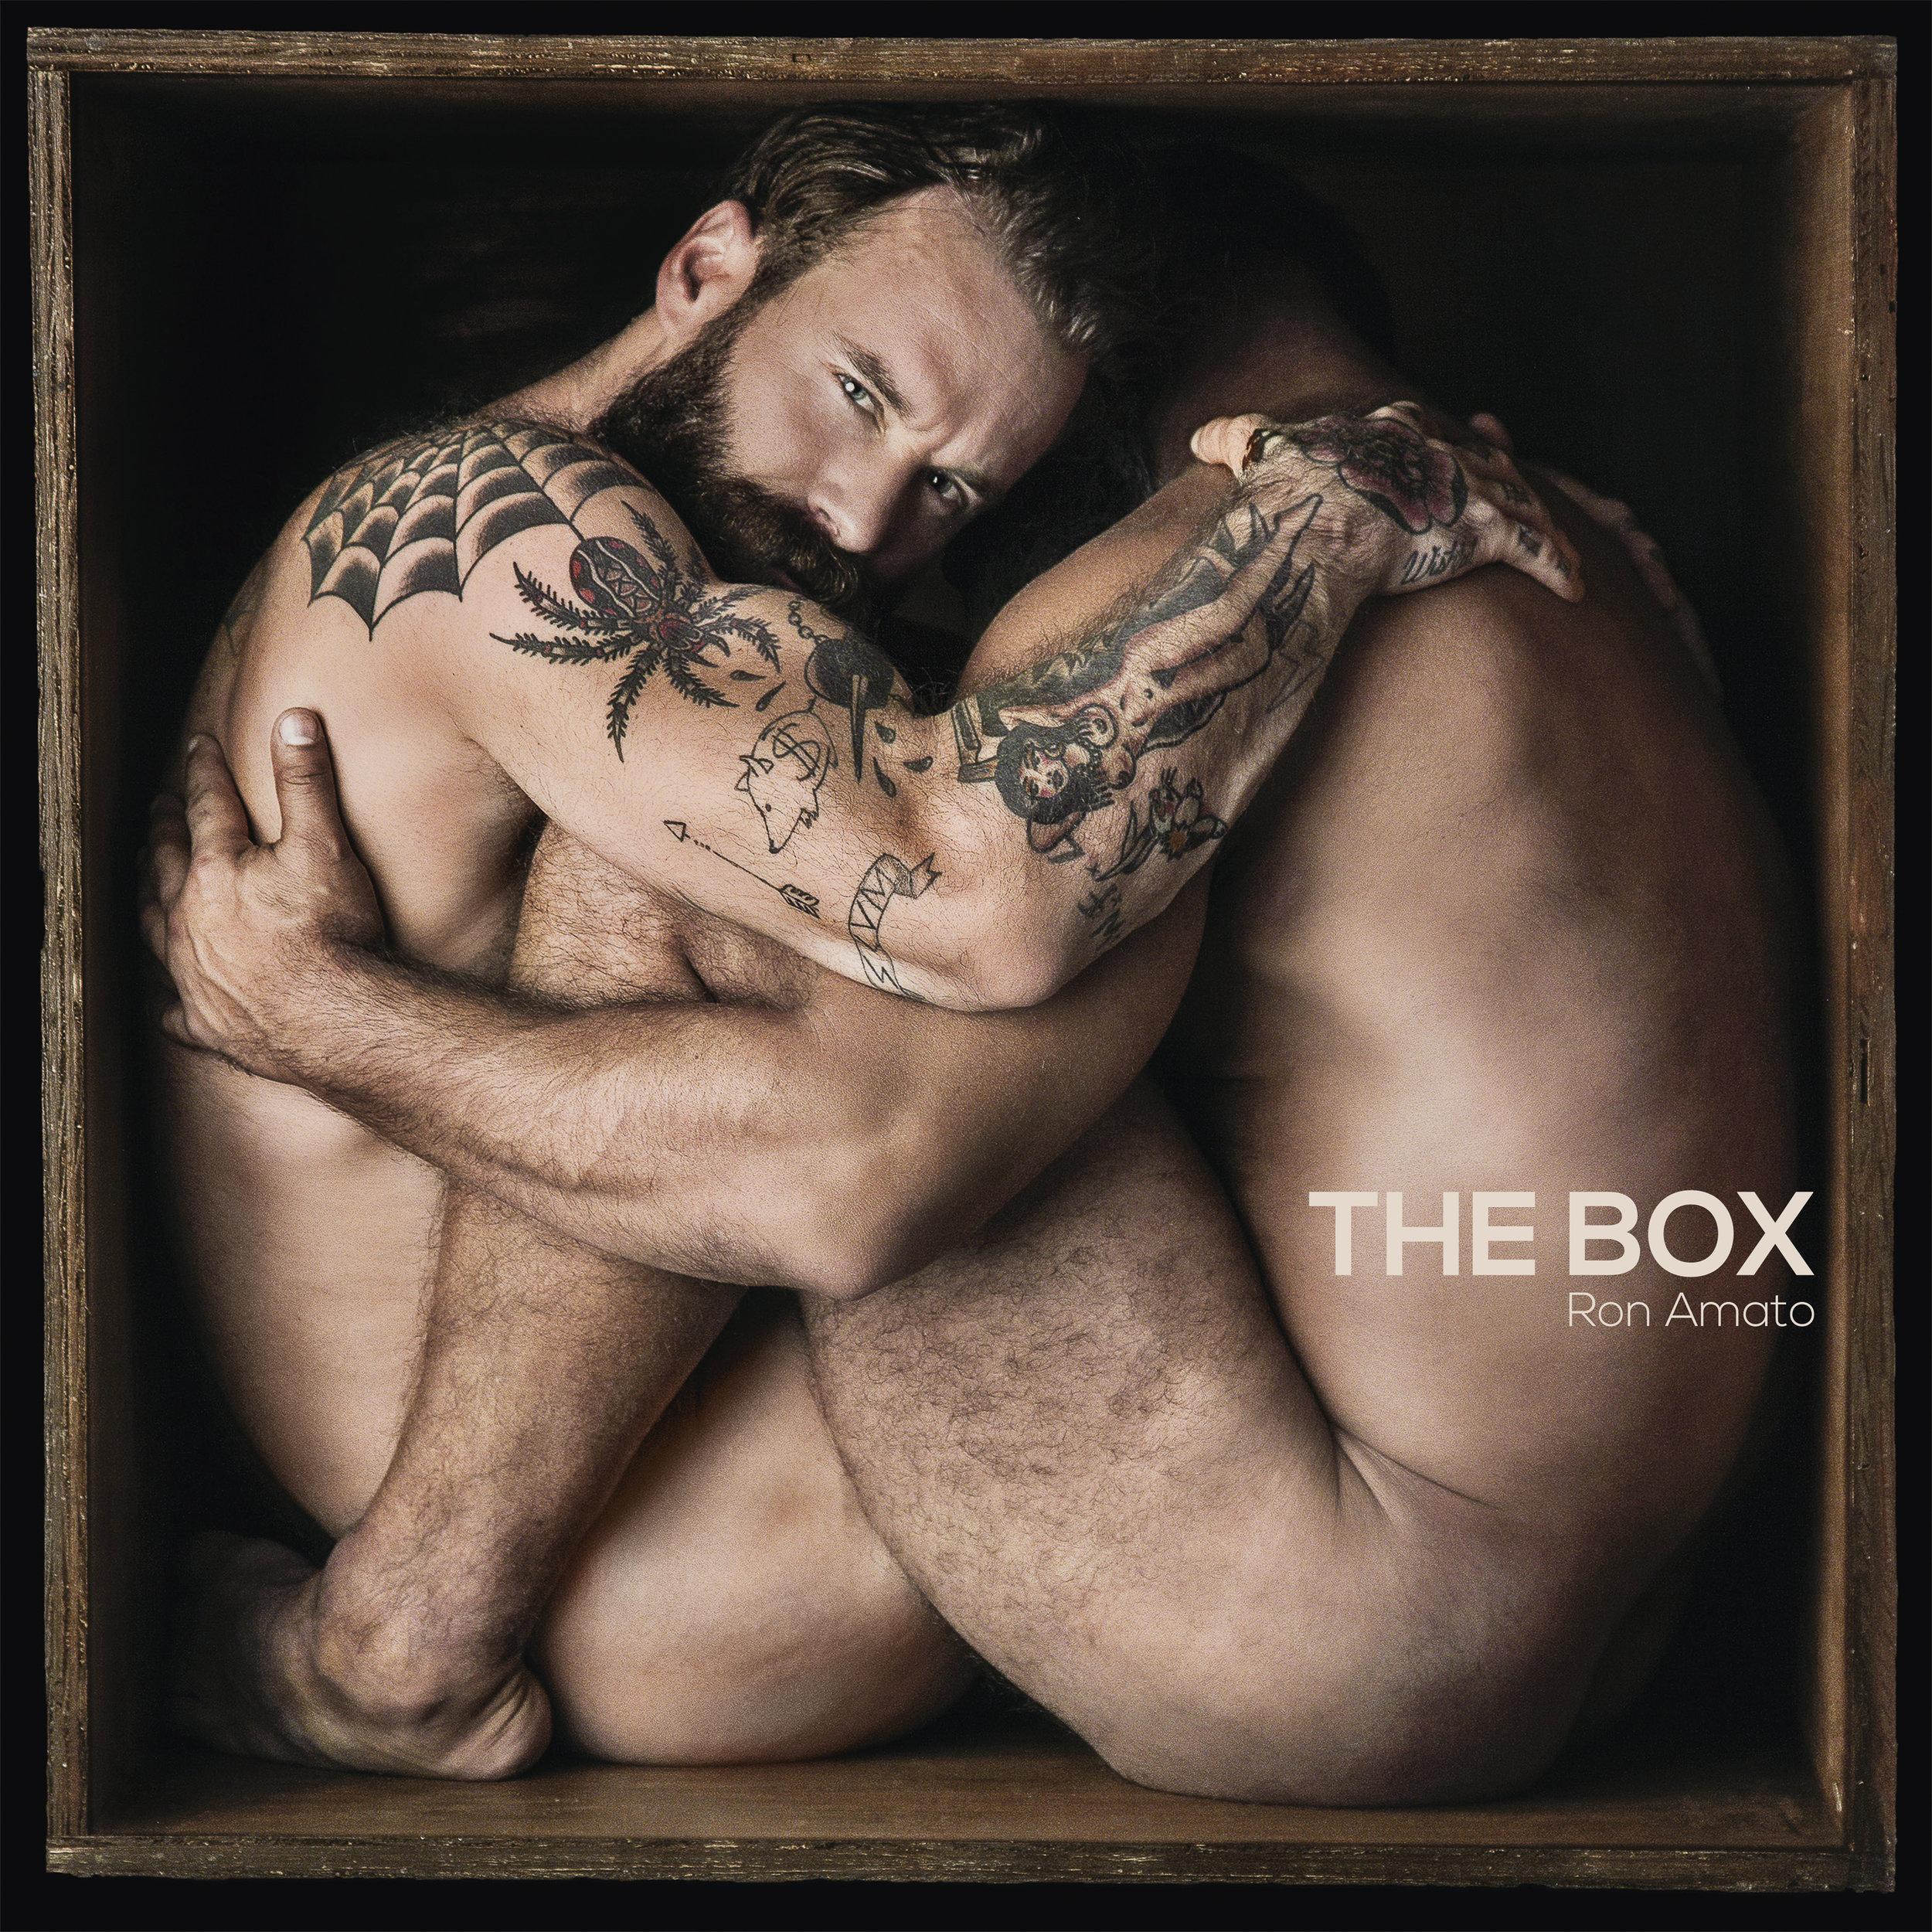 The Box Book